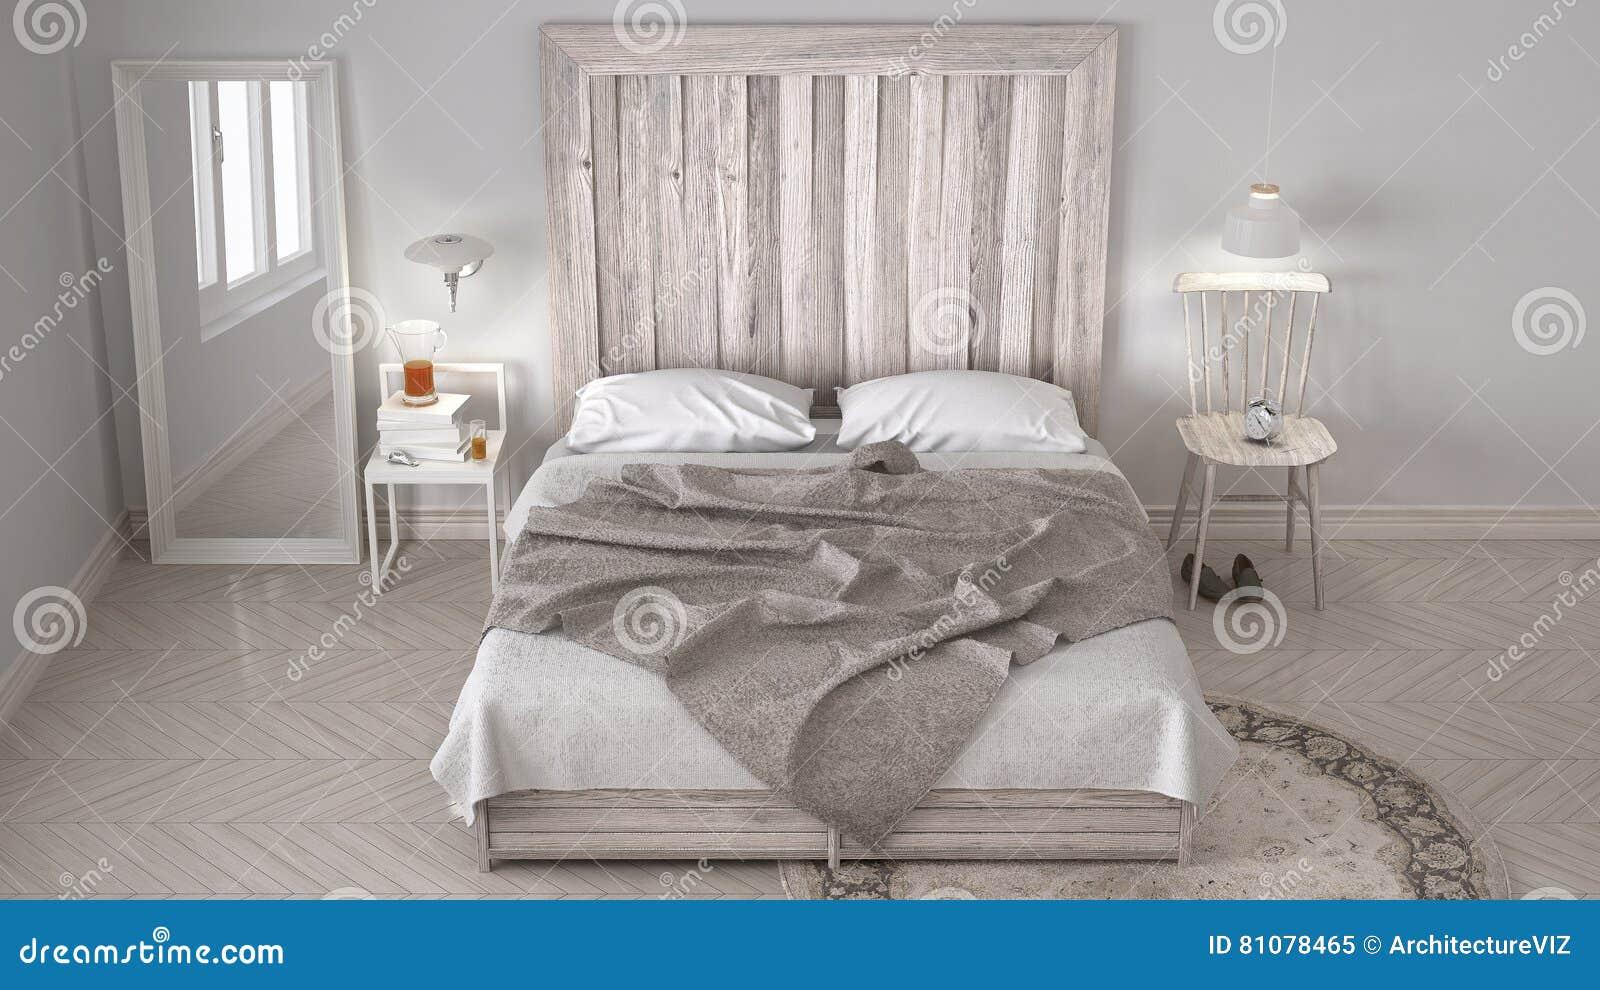 Diy bedroom bed with wooden headboard scandinavian white for Bett scandinavian design